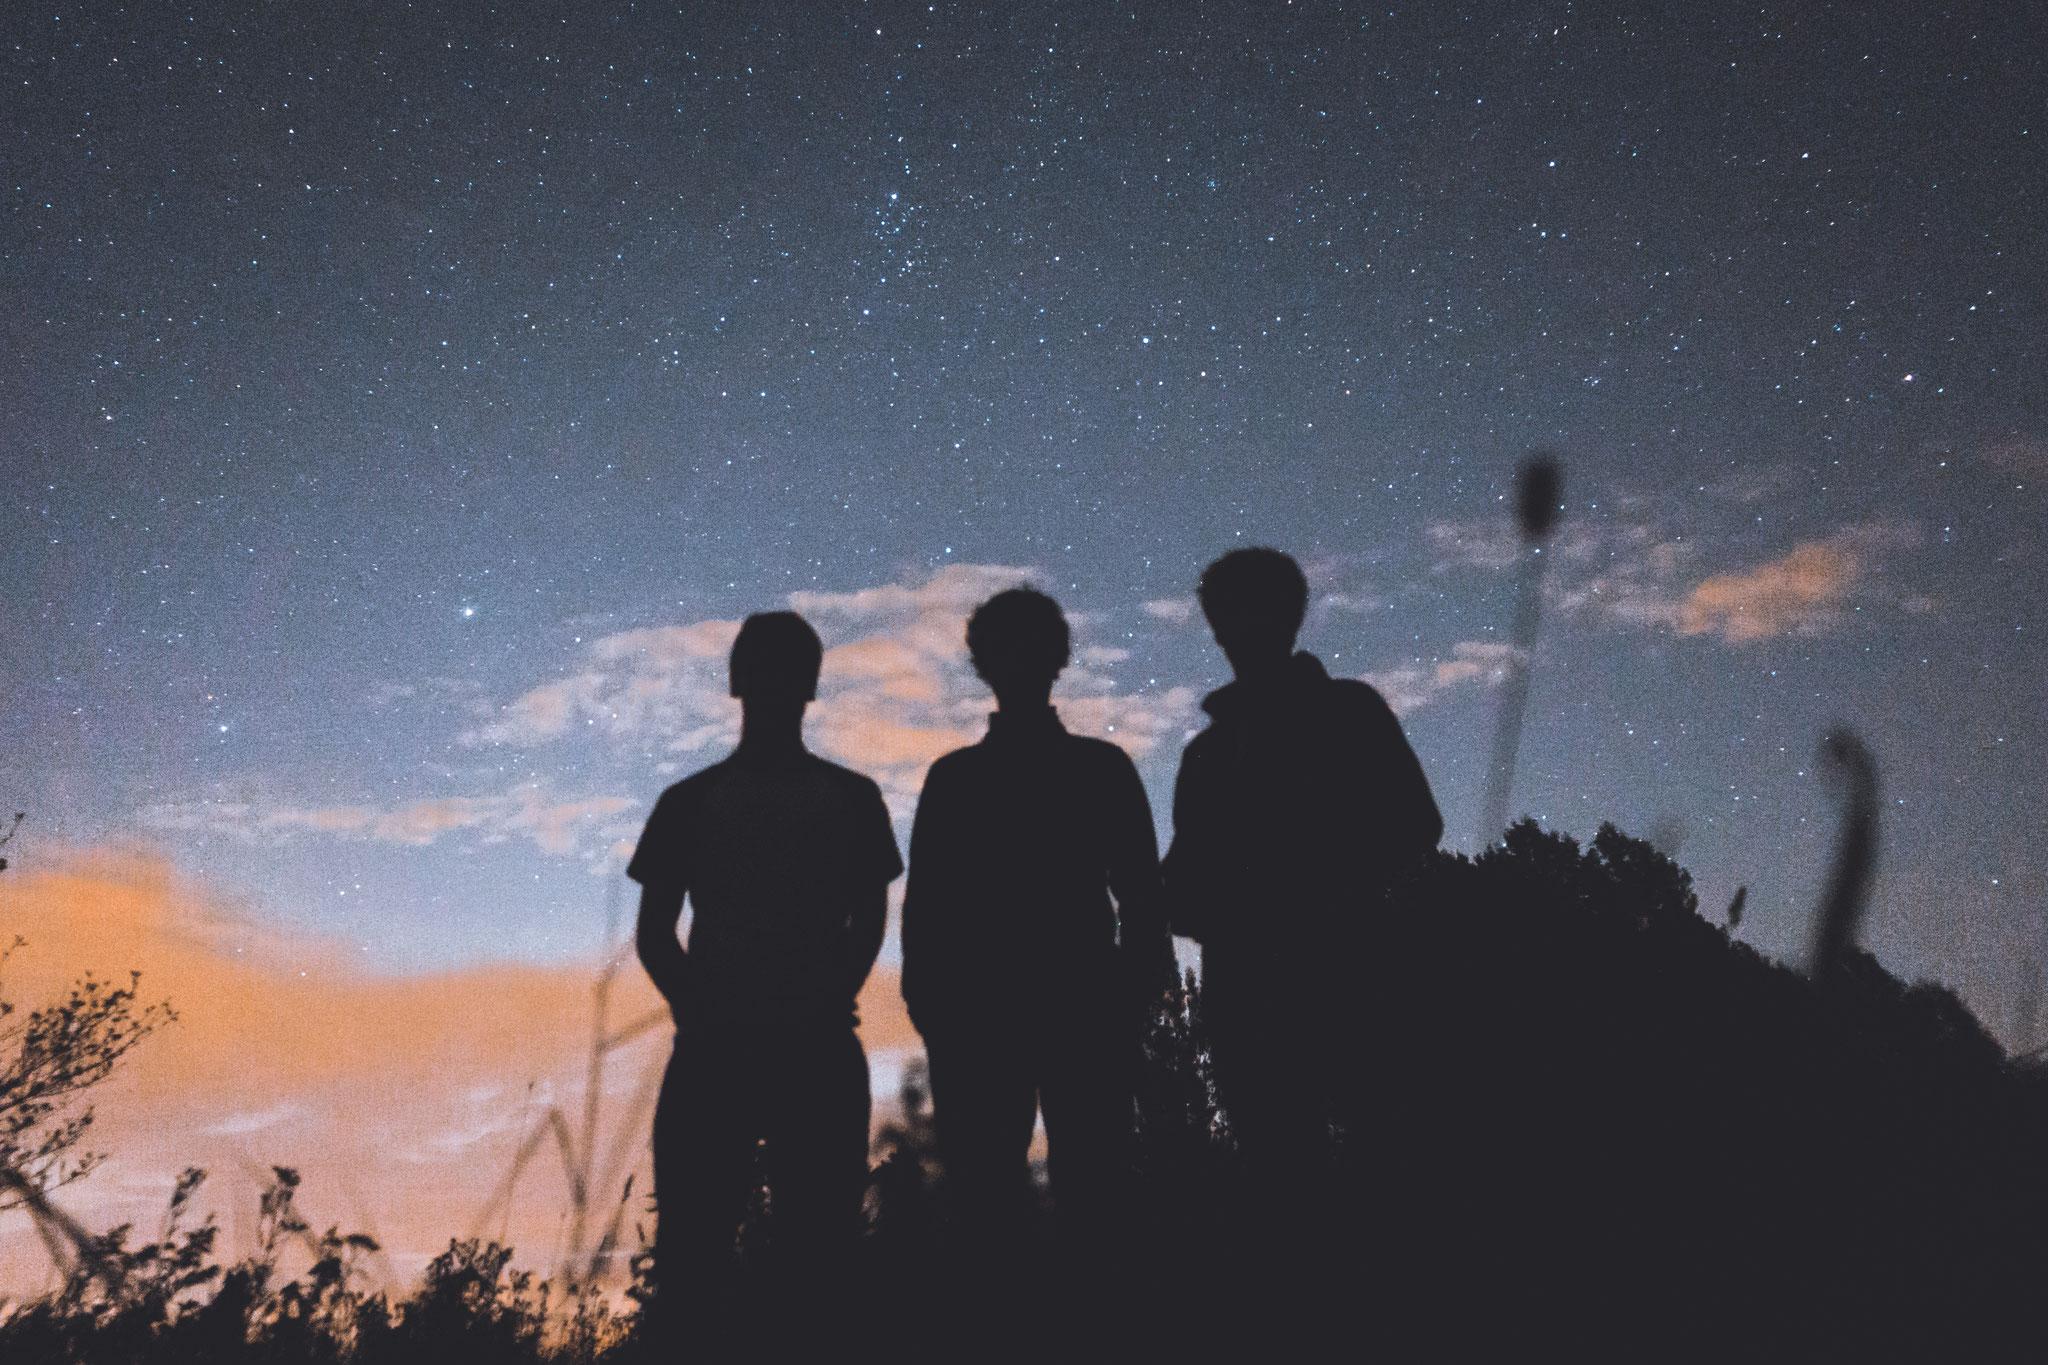 Unsere Helden beim Sterne Schauen